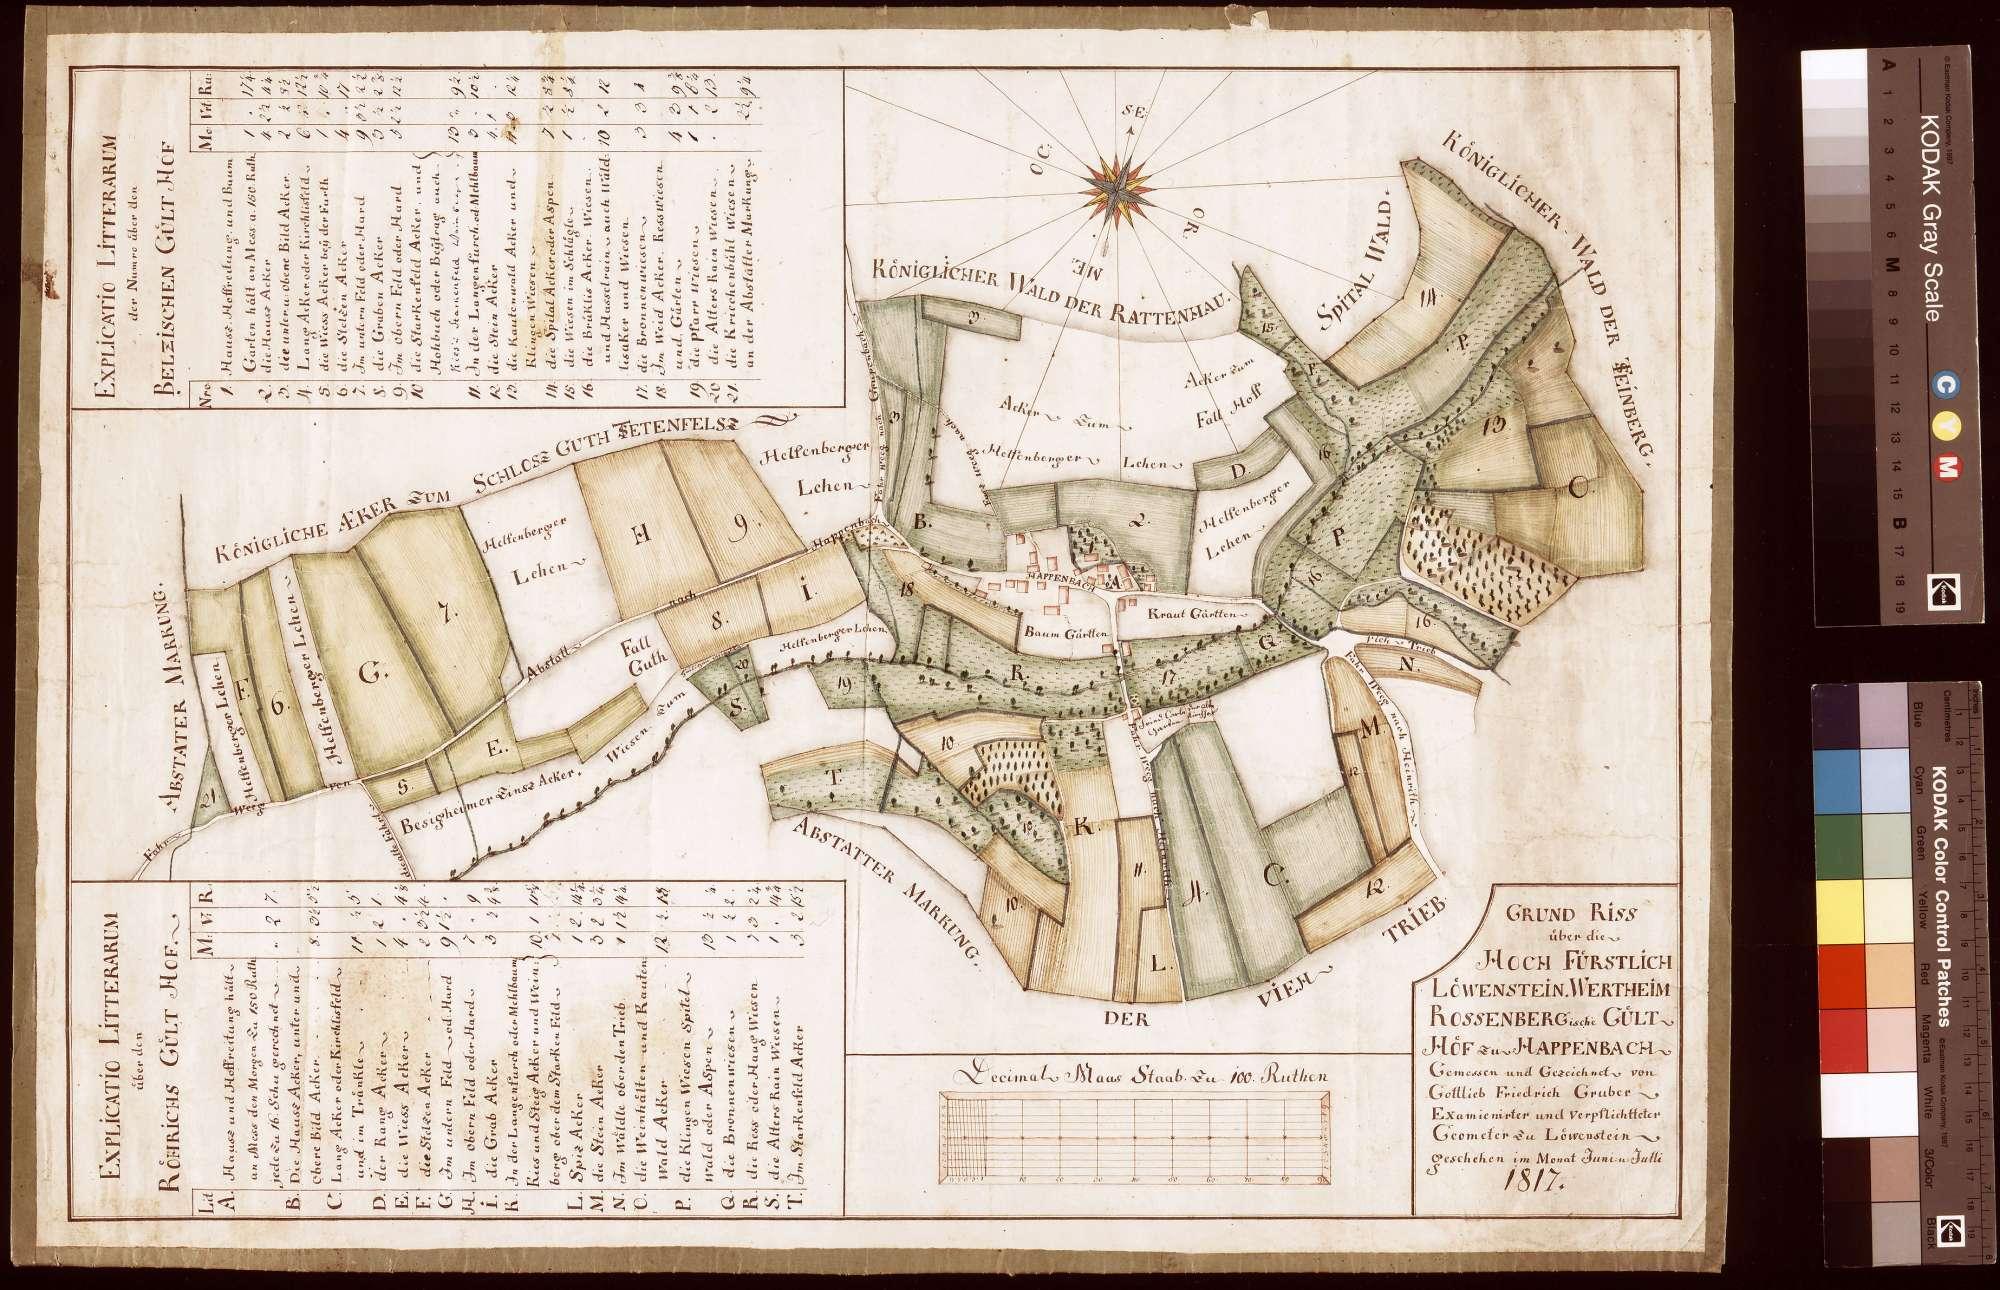 Grundriss über die Gülthöfe zu Happenbach (Inselkarte), Bild 1